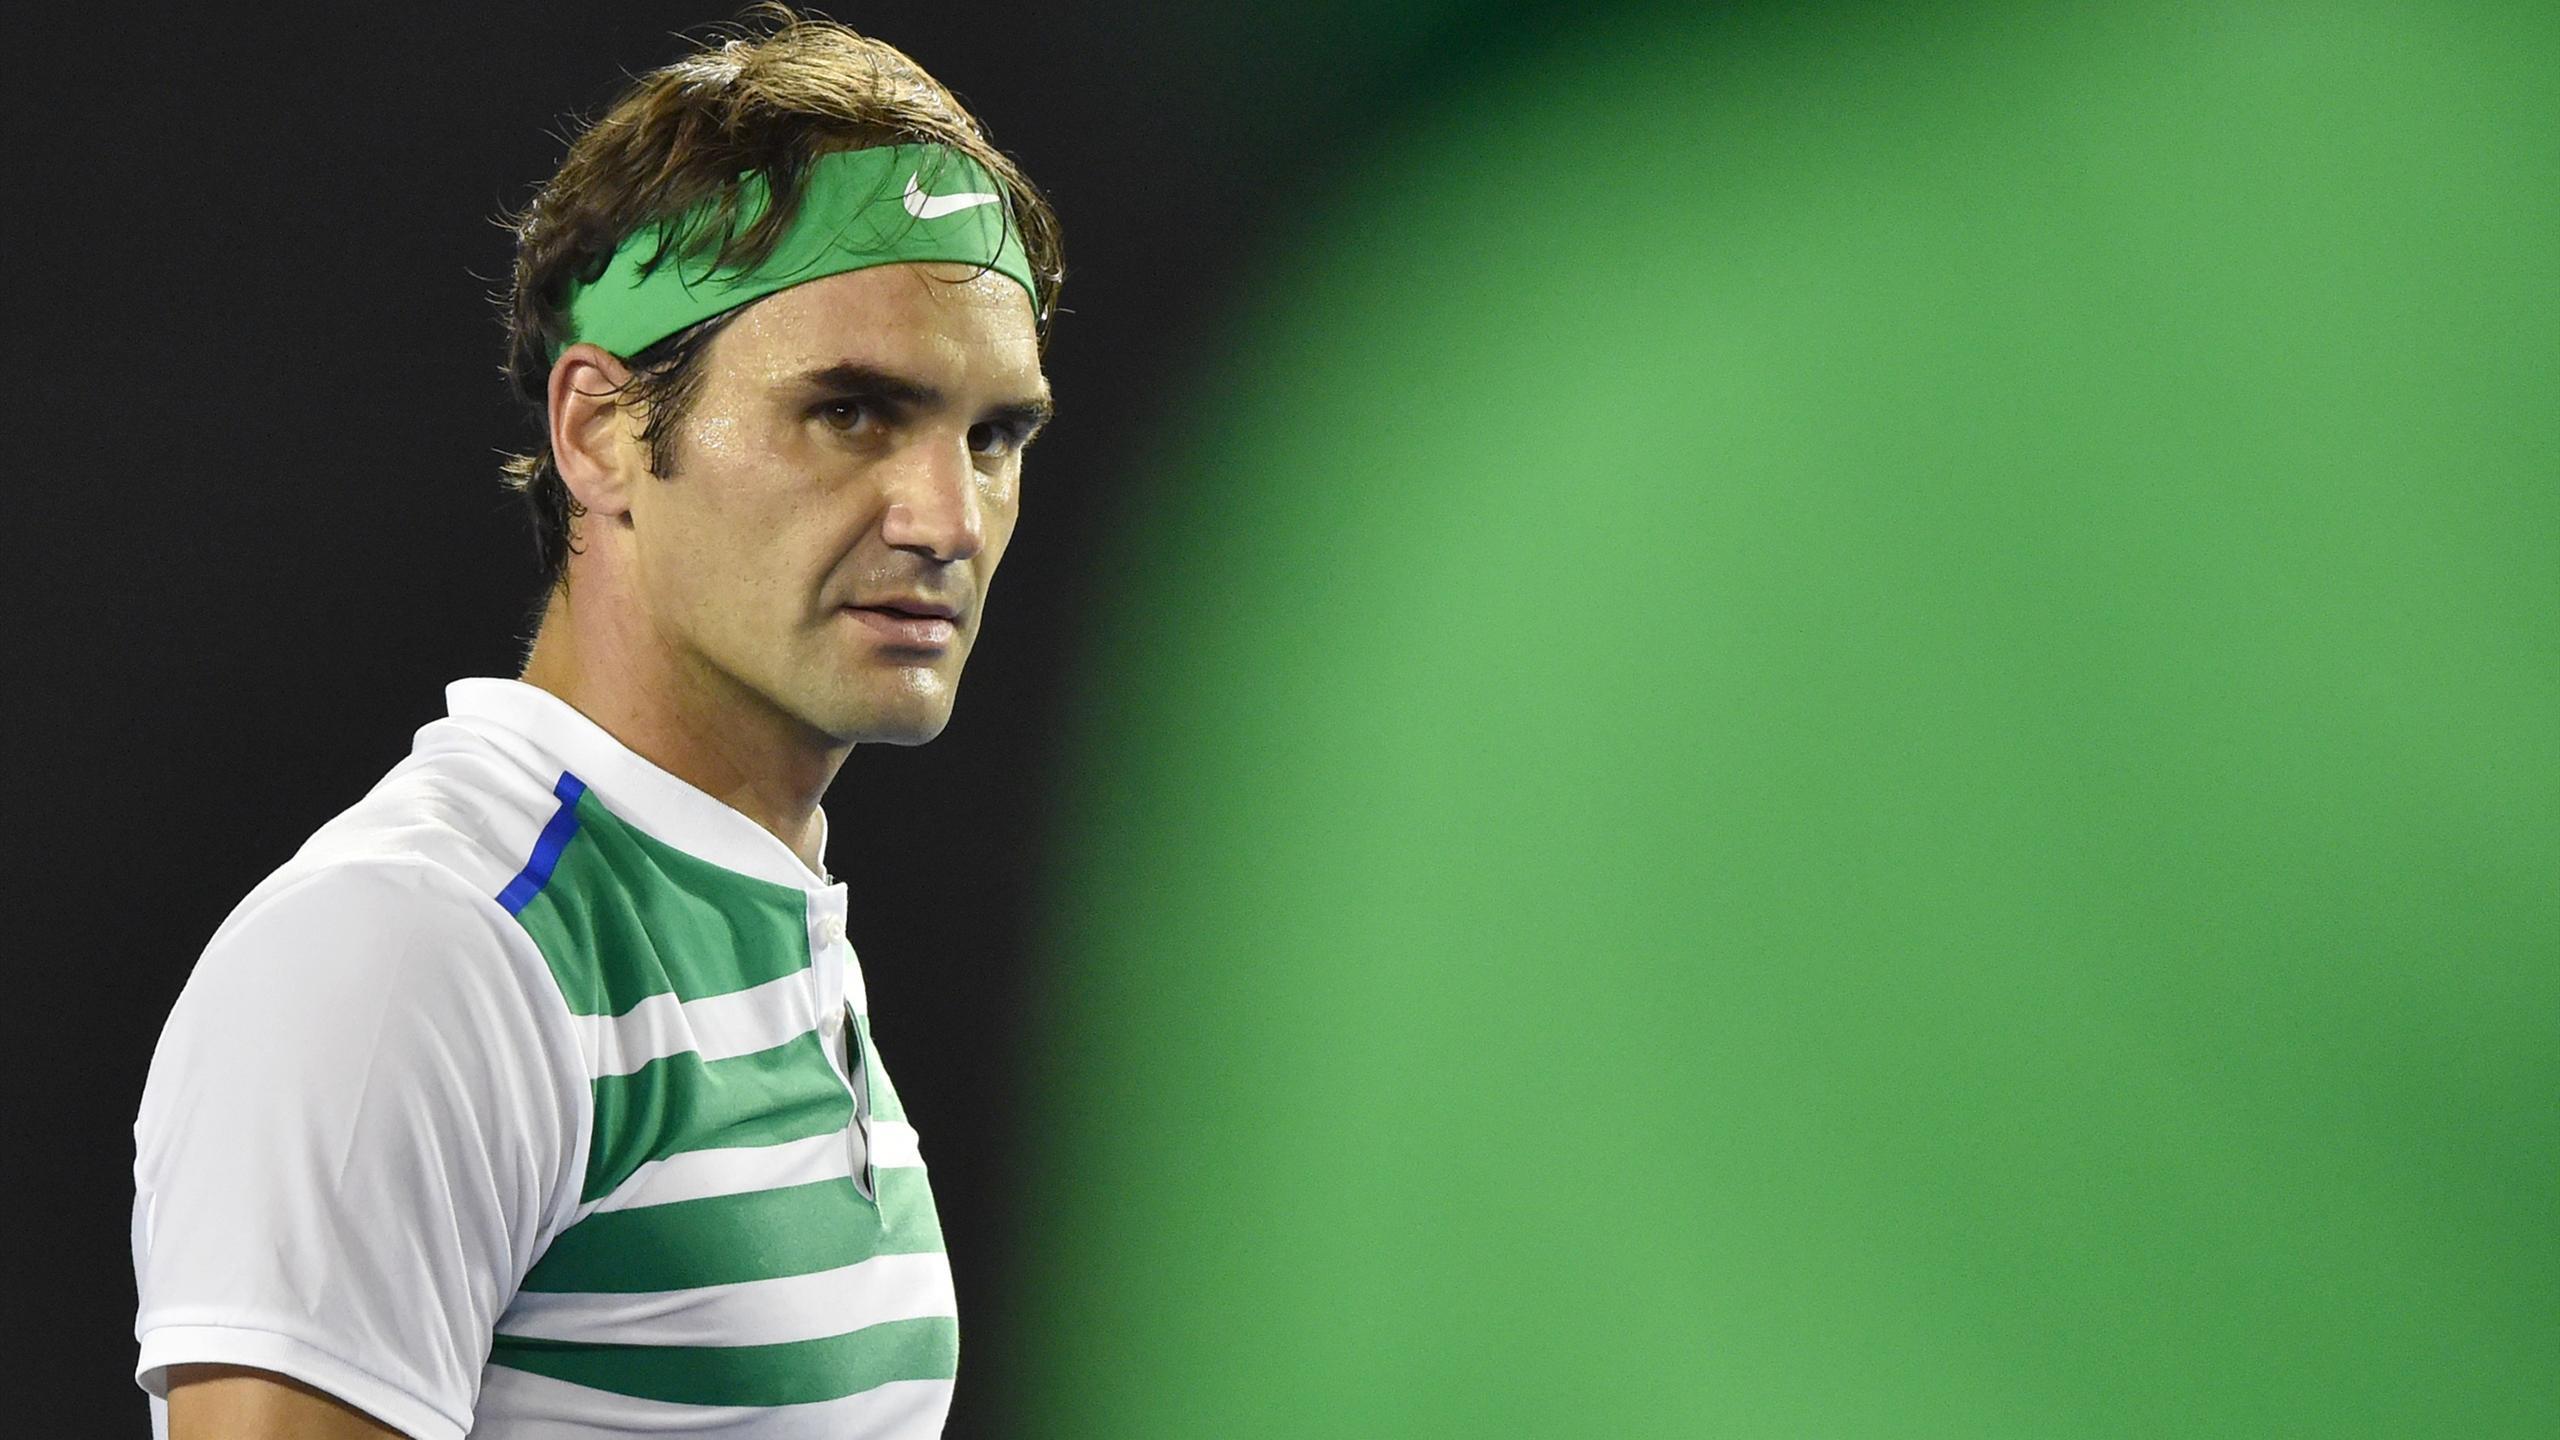 Es läuft in Melbourne: Roger Federer